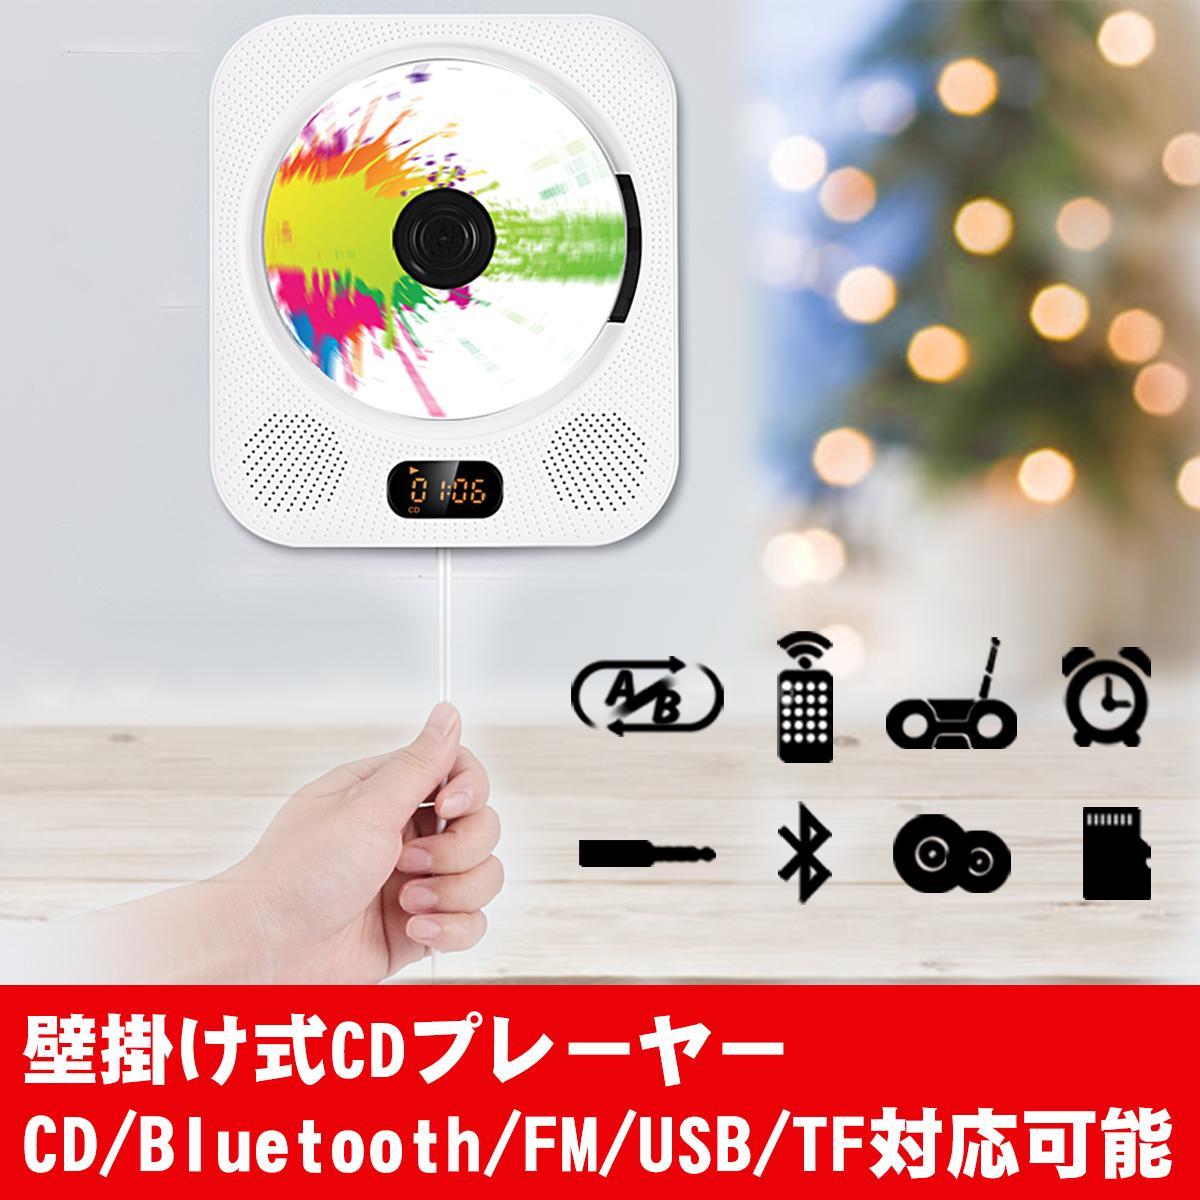 AGPTEK CD プレーヤー 壁掛け cdプレーヤー おしゃれスピーカー CD/Bluetooth/FM/USB/TF/Audioモード リモコン付き お洒落 ホワイト 【第10代】